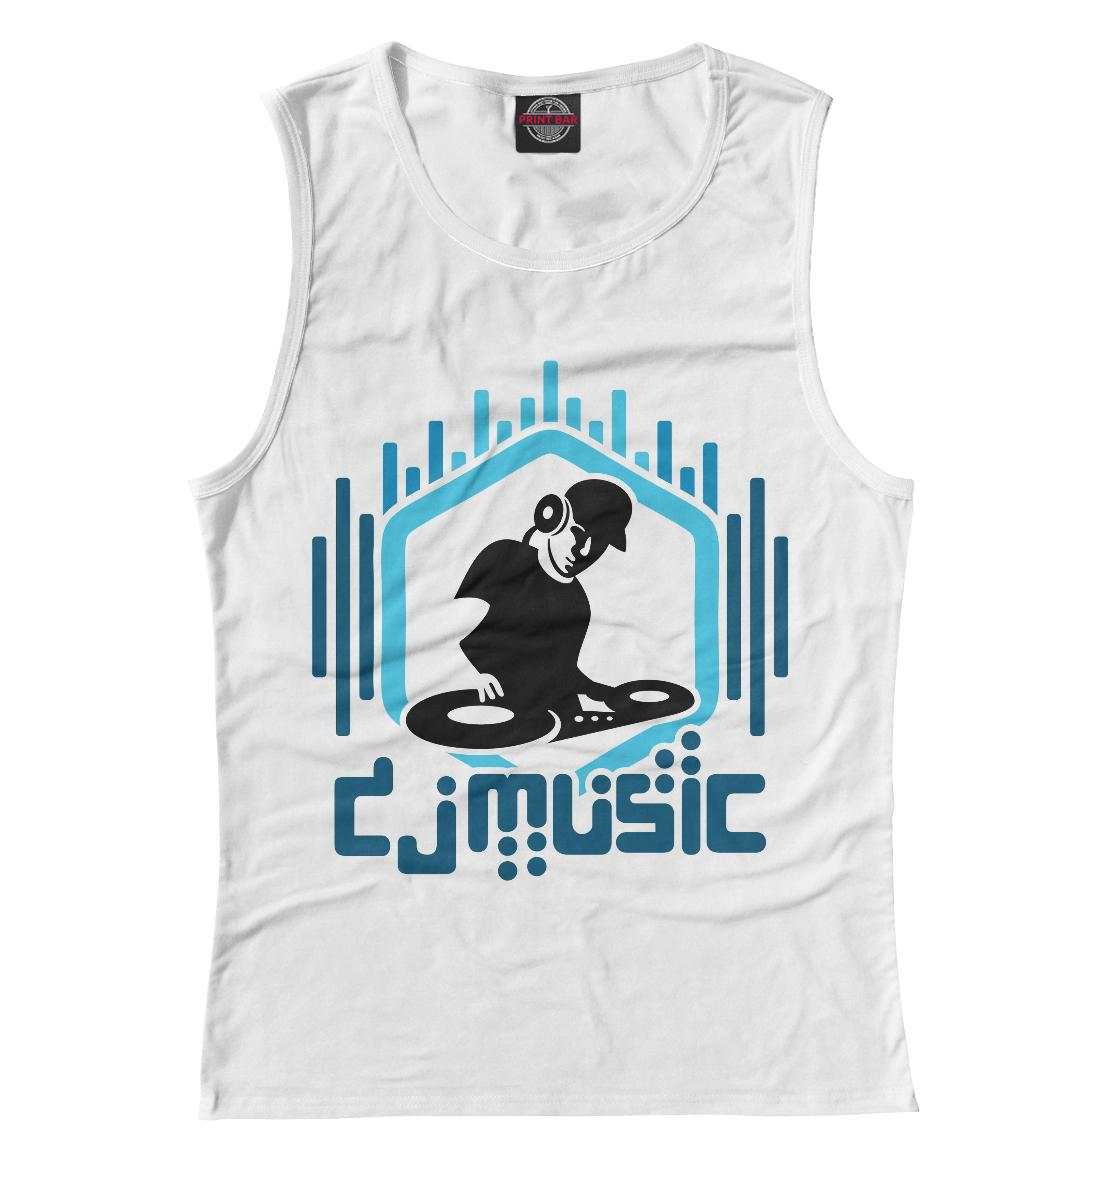 DJ music mikael niemi popular music